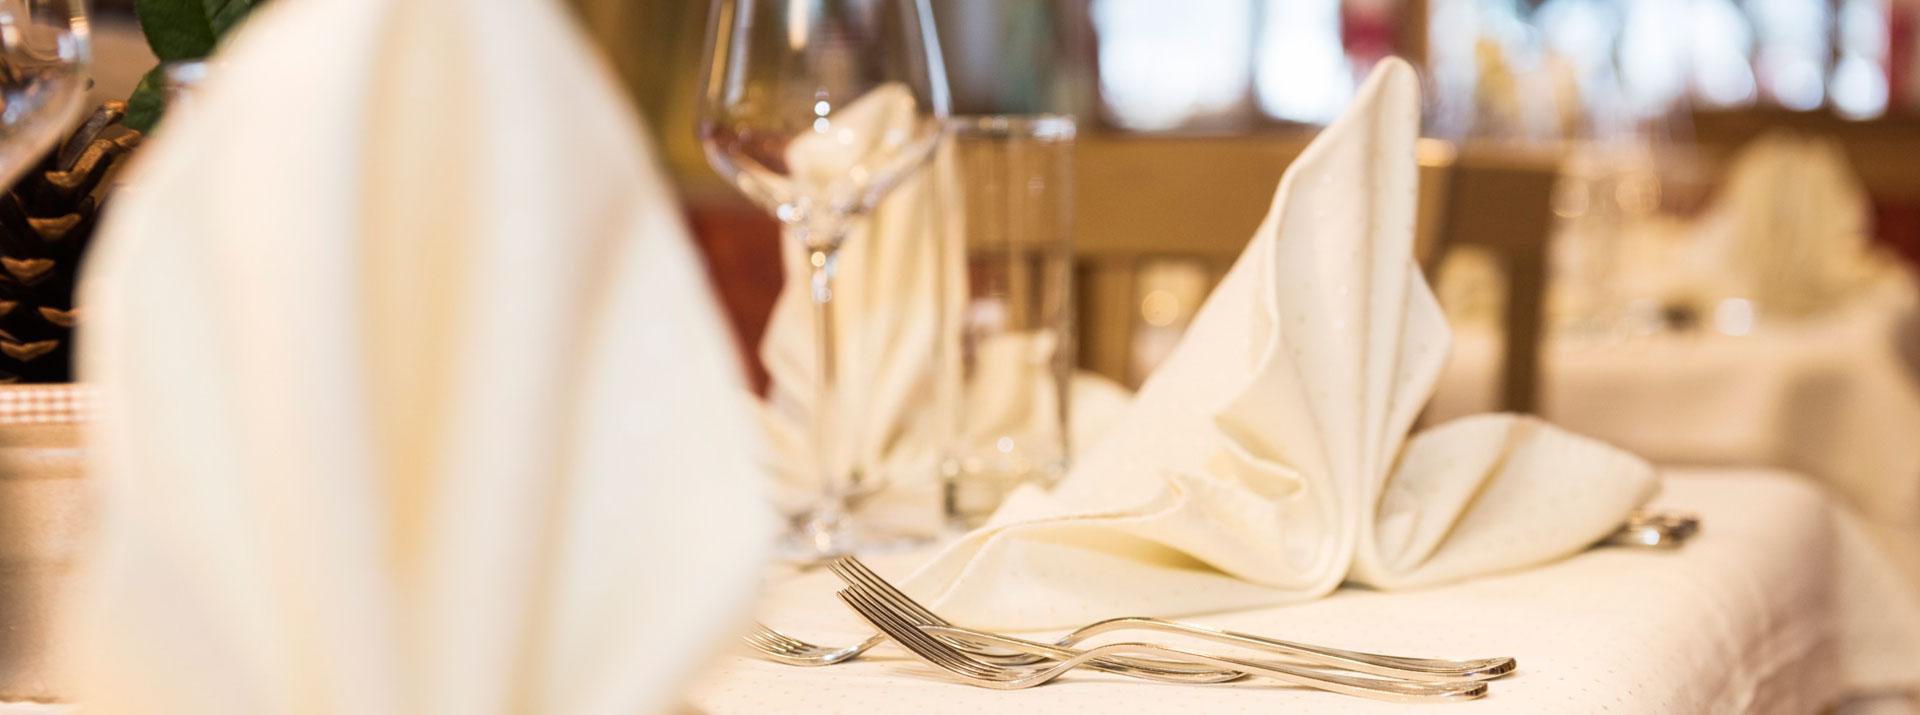 Hotel Brunnenhof - Hervorragende Küche in Neustift im Stubaital